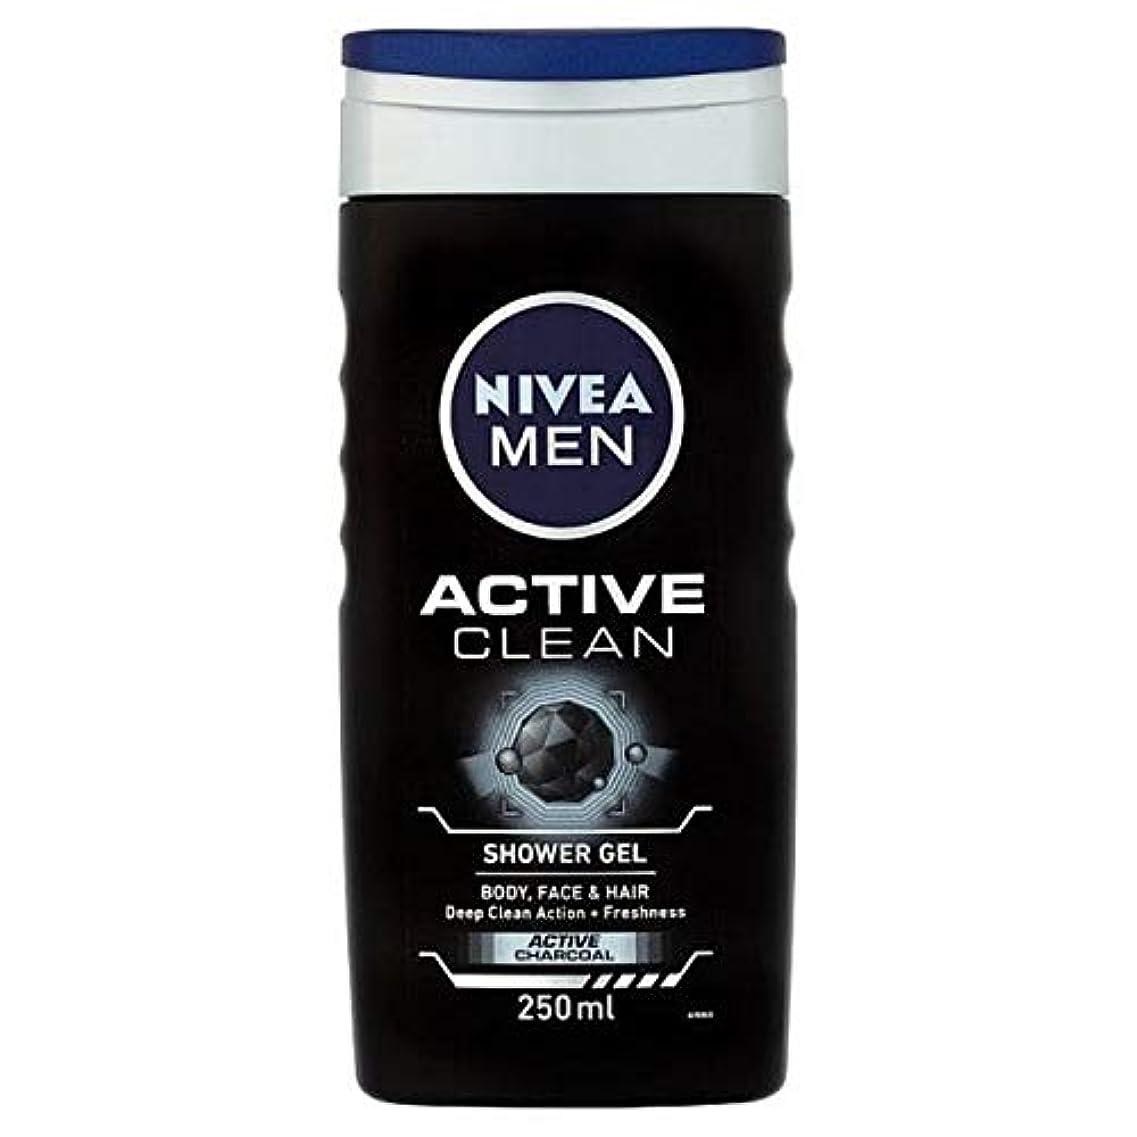 イースターシビック凍結[Nivea ] ニベア男性用シャワージェル、炭との活発なきれいな、250ミリリットル - NIVEA Men Shower Gel, Active Clean with Charcoal, 250ml [並行輸入品]